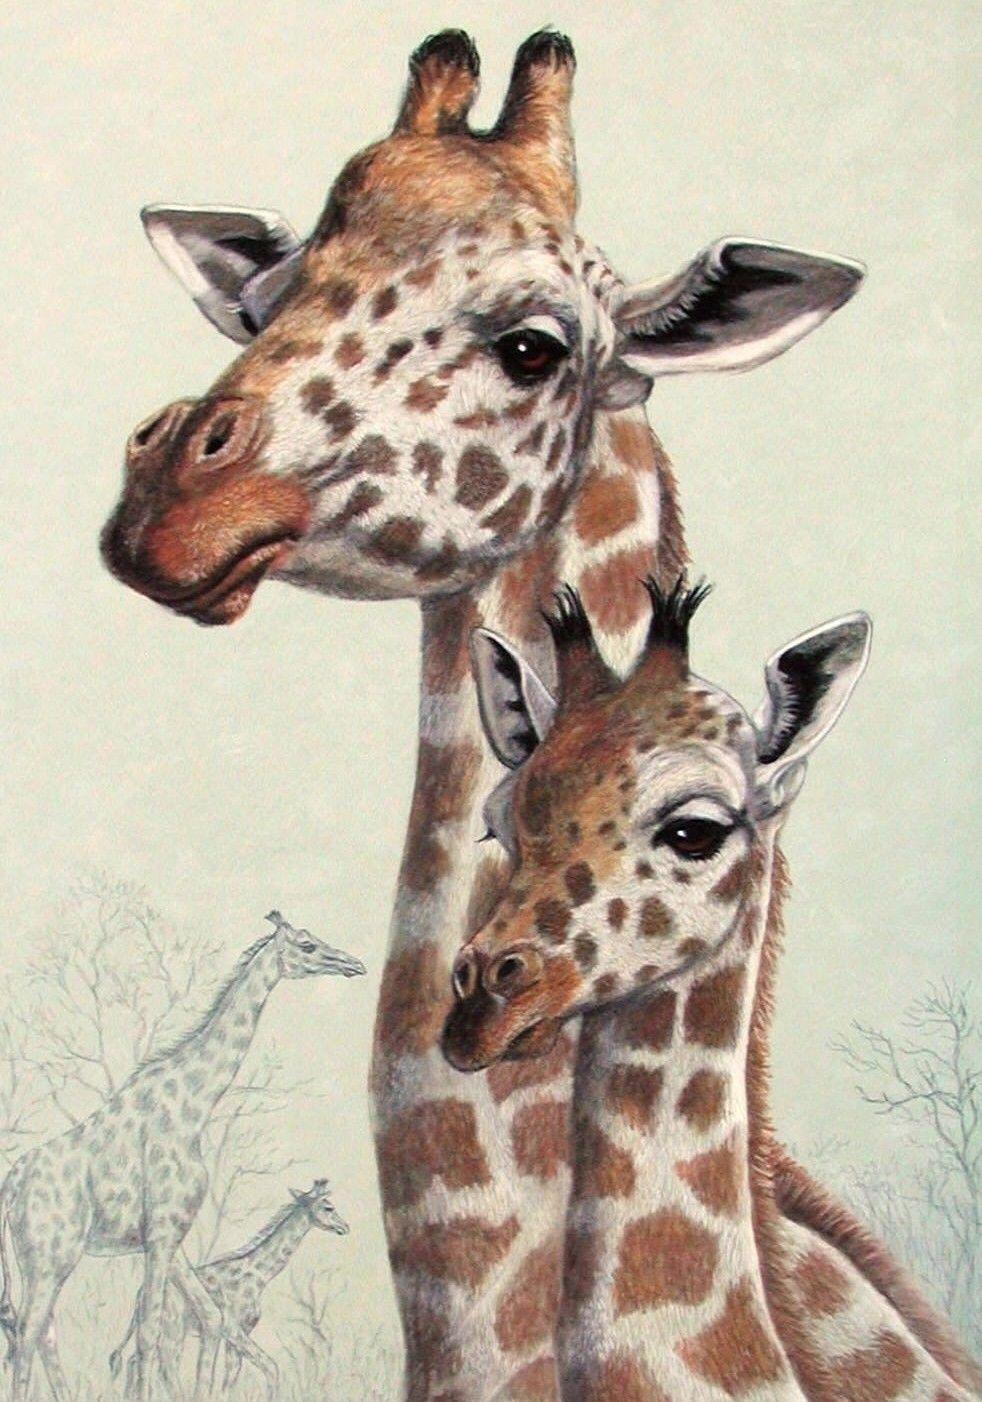 Февраля открытки, картинки жирафов для срисовки